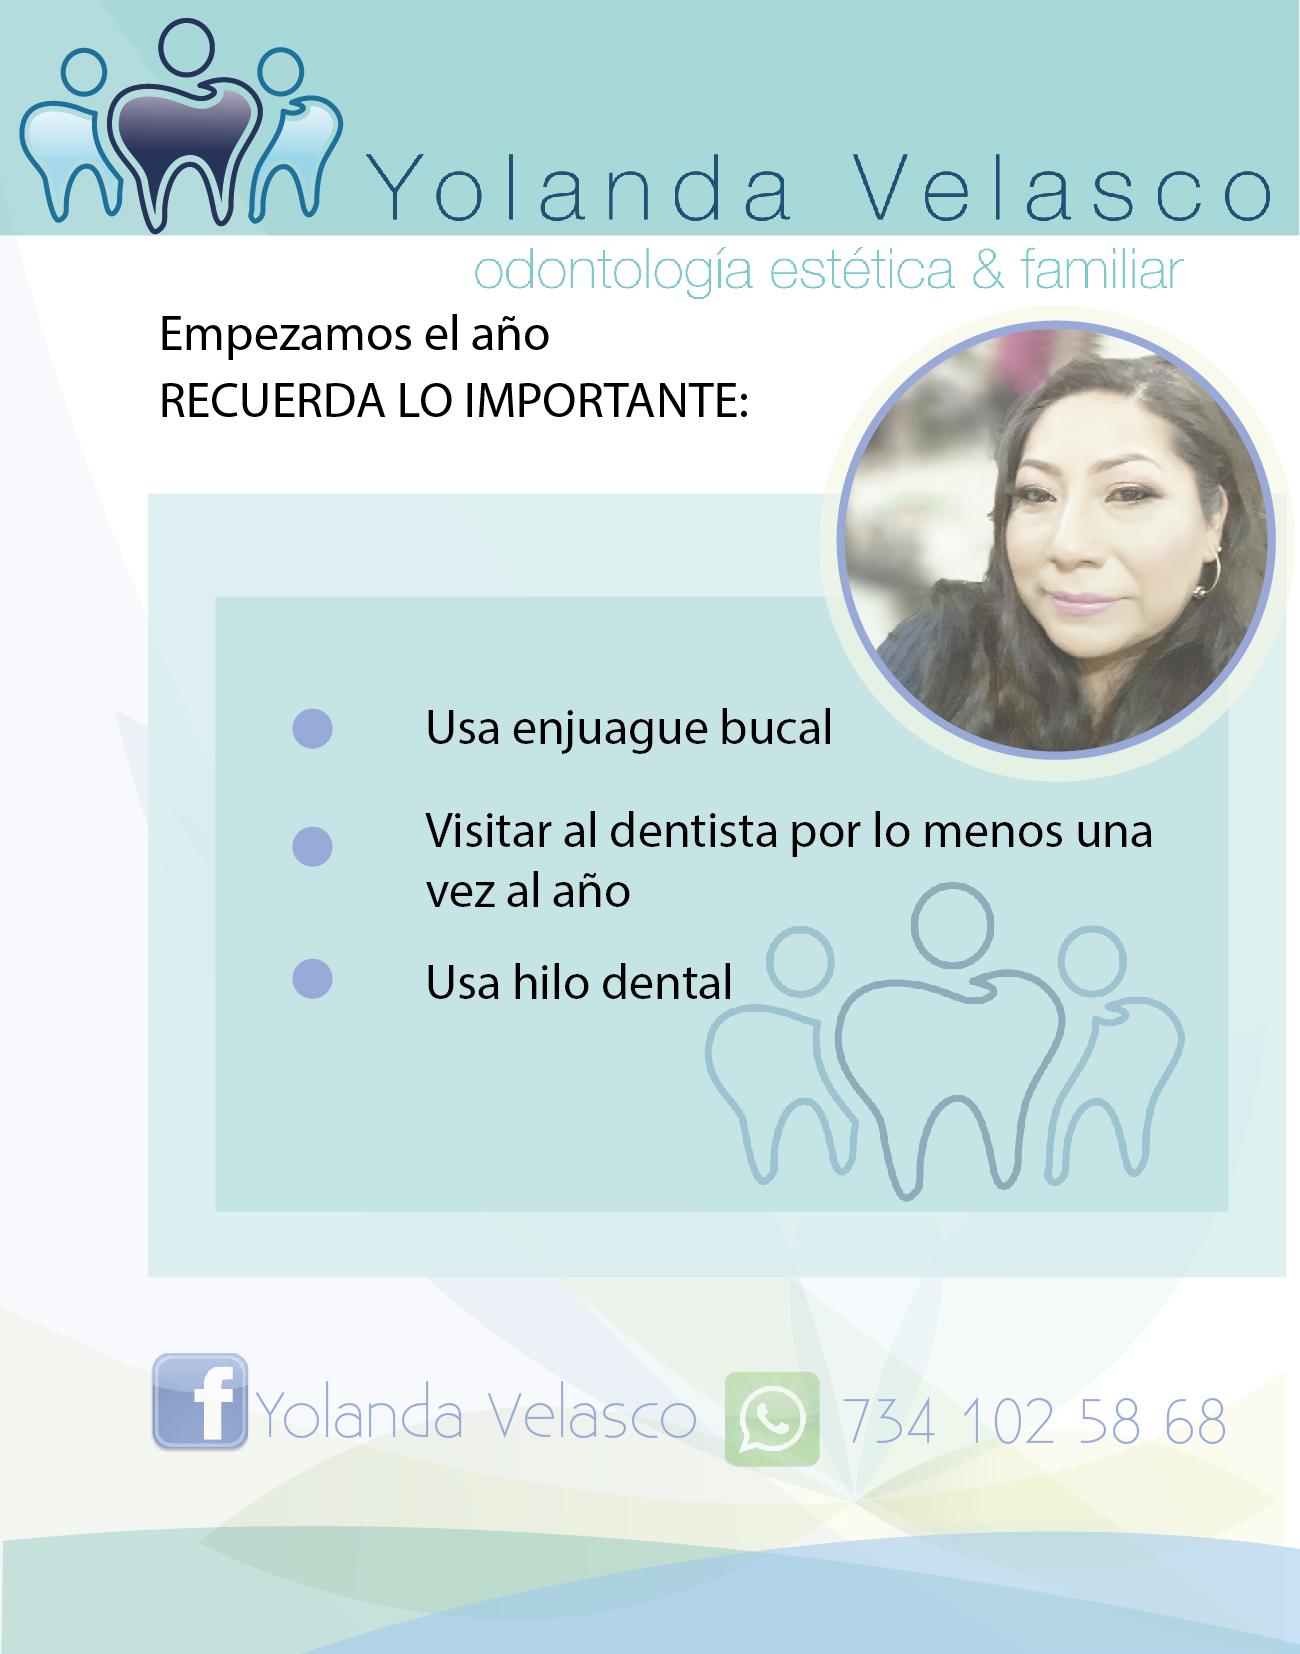 Publi dientes